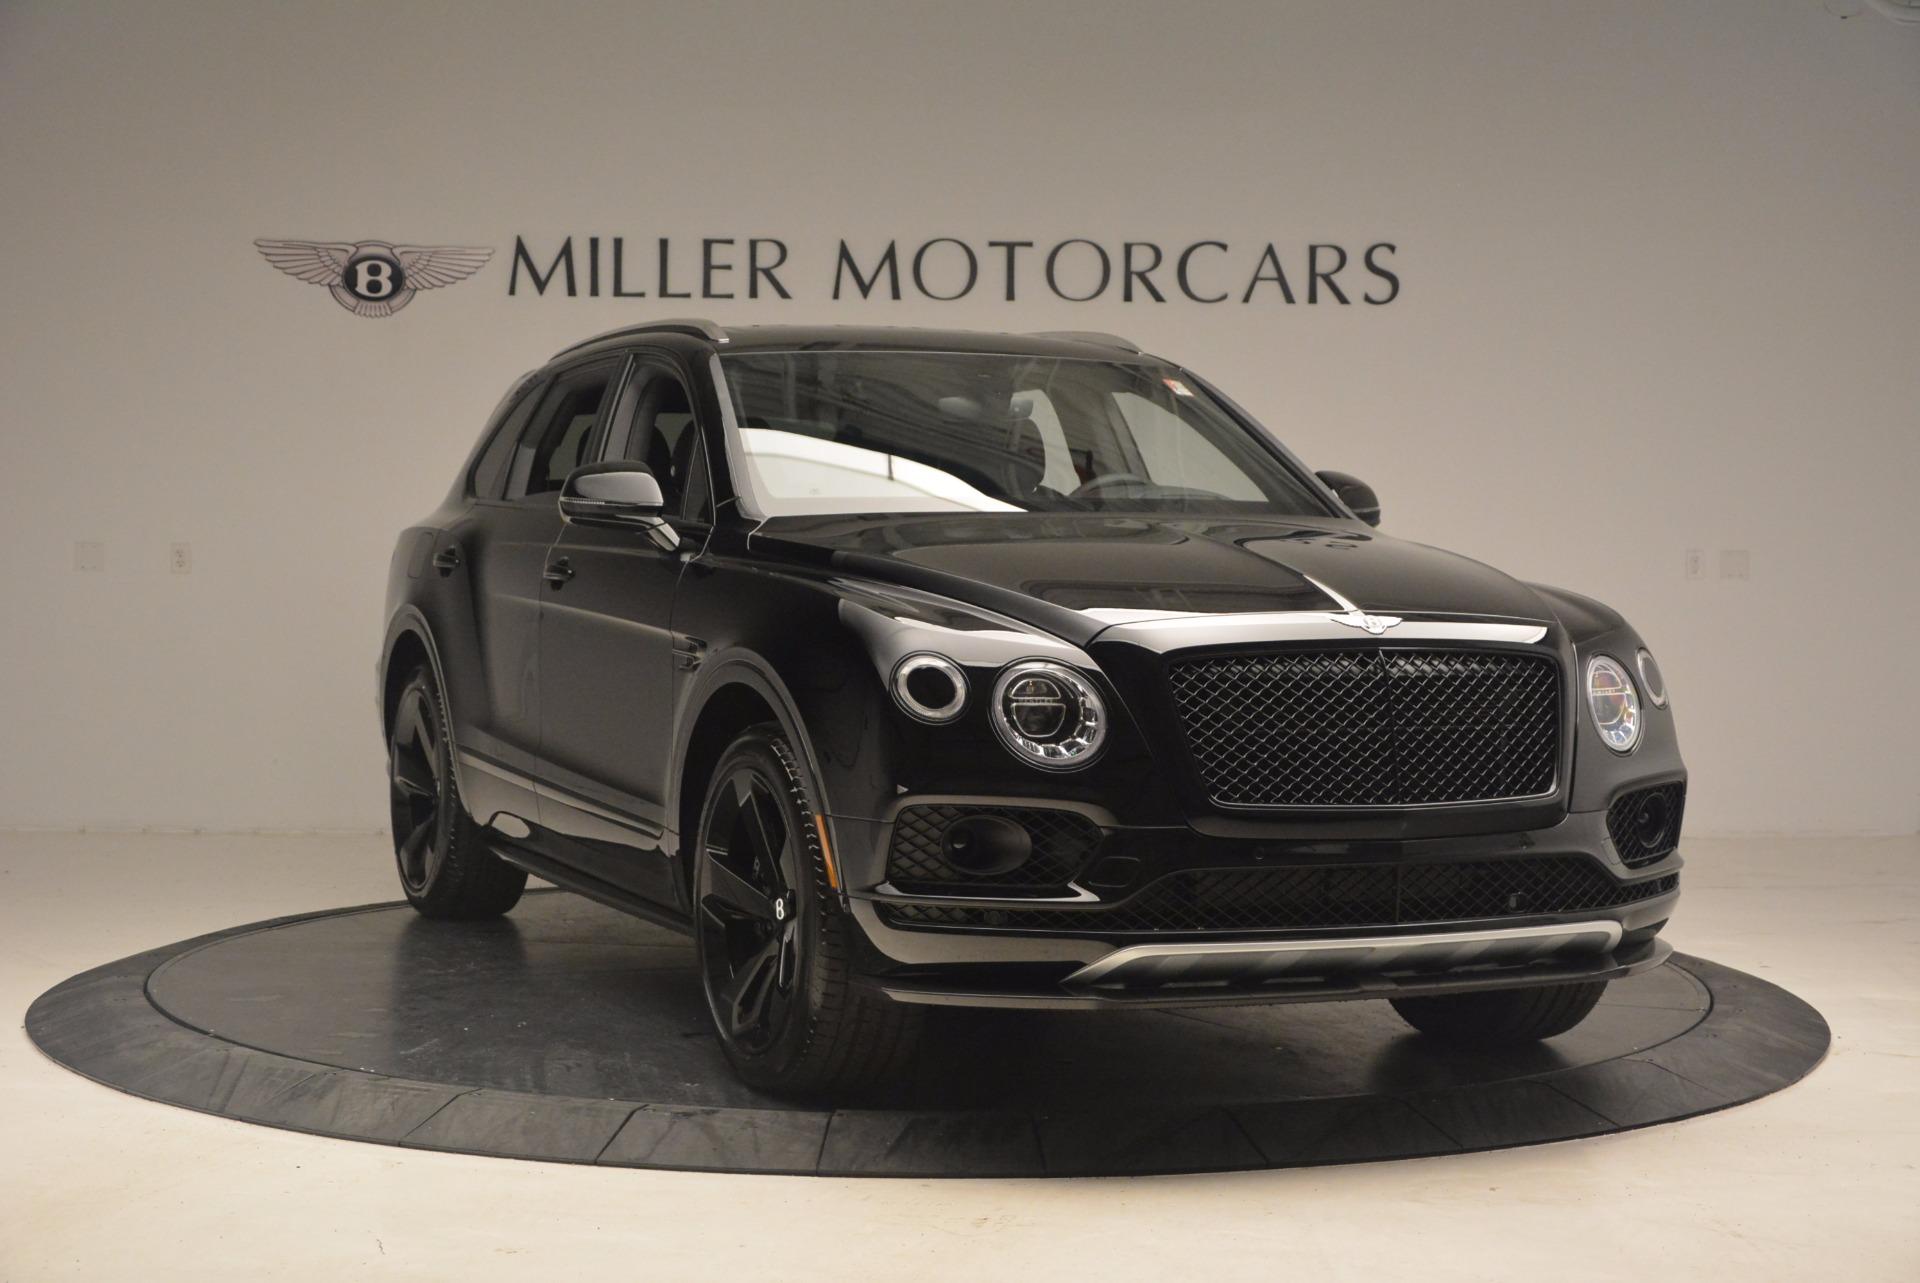 New 2018 Bentley Bentayga Black Edition For Sale In Westport, CT 1287_p11